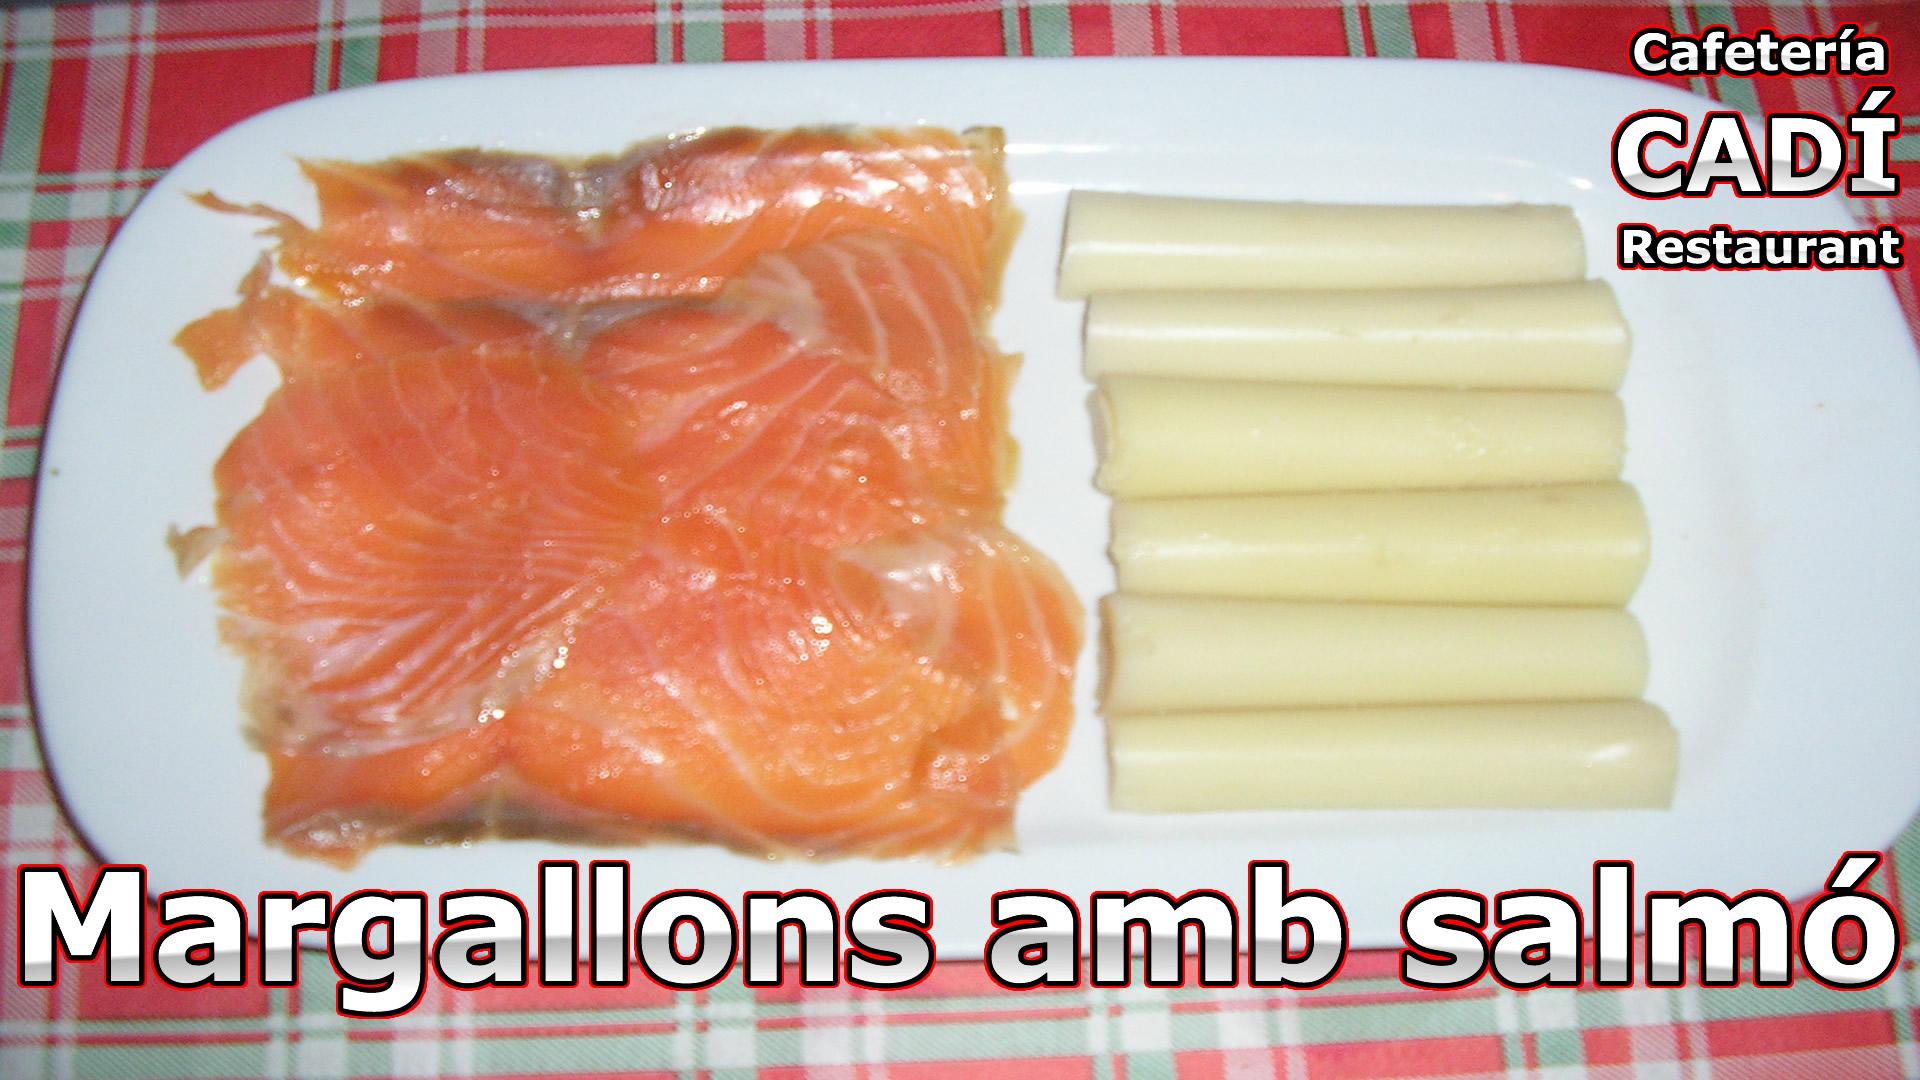 margallons amb salmó